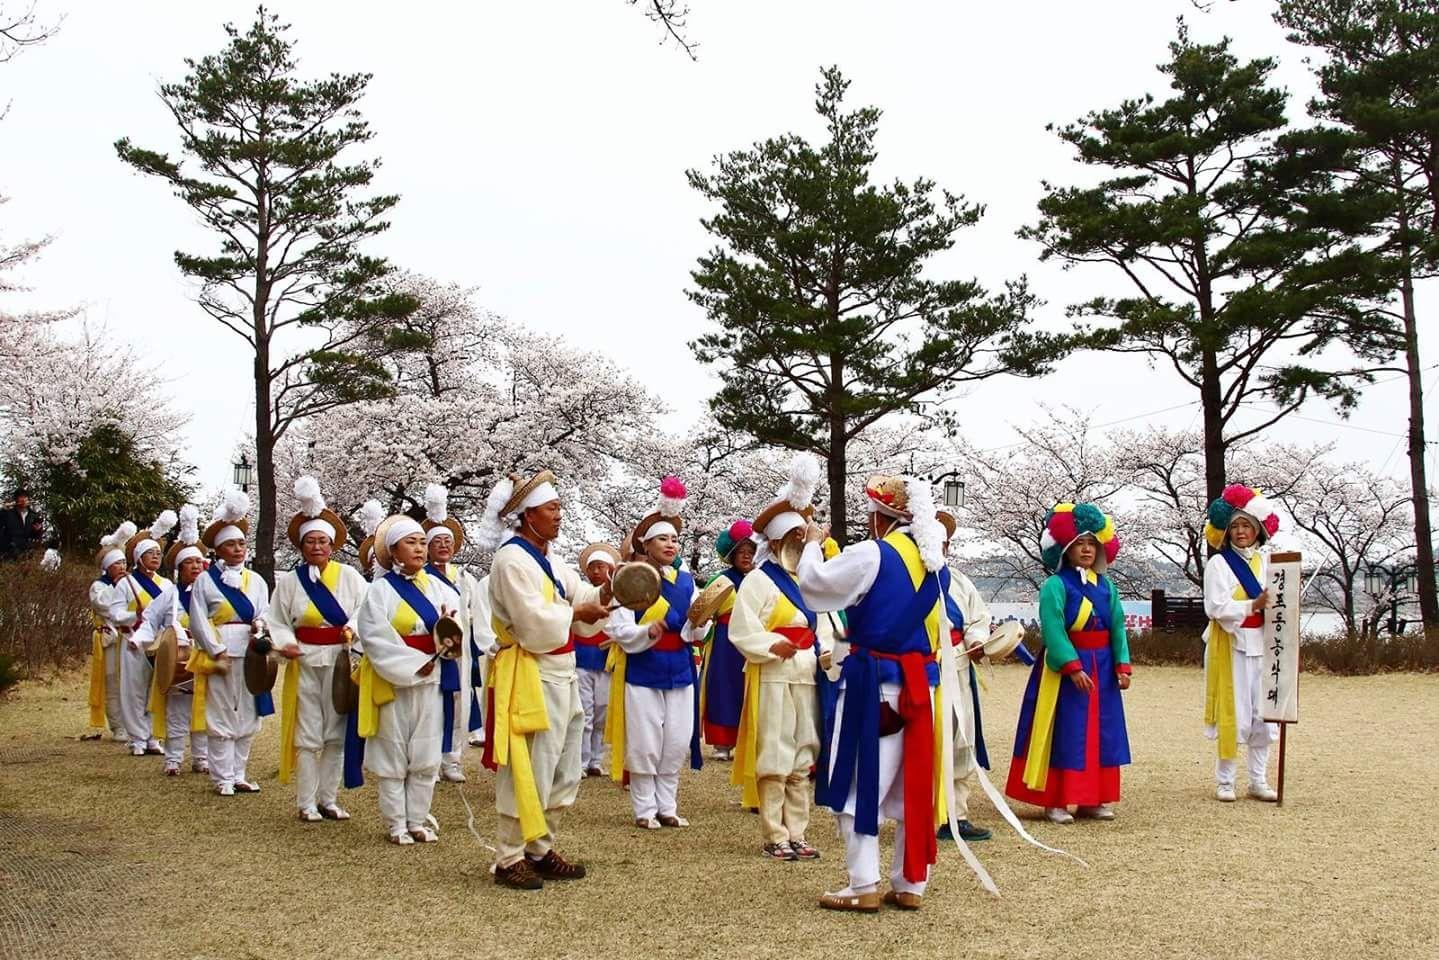 2015년 강릉 경포벚꽃잔치 강릉농악 공연